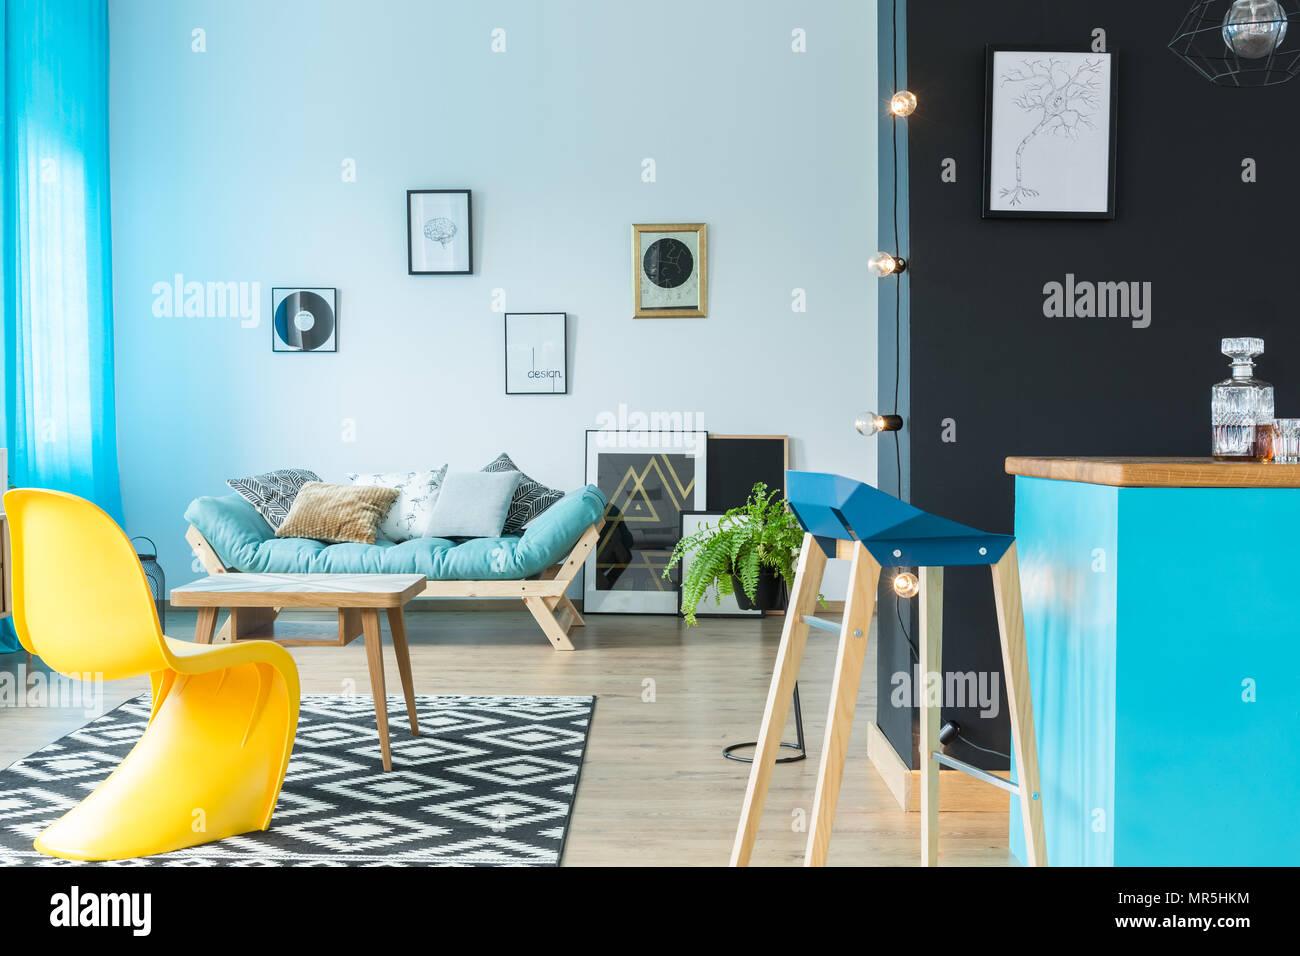 Sgabelli Cucina Colorati : Designer moderno sgabello in cucina blu isola nel colorato